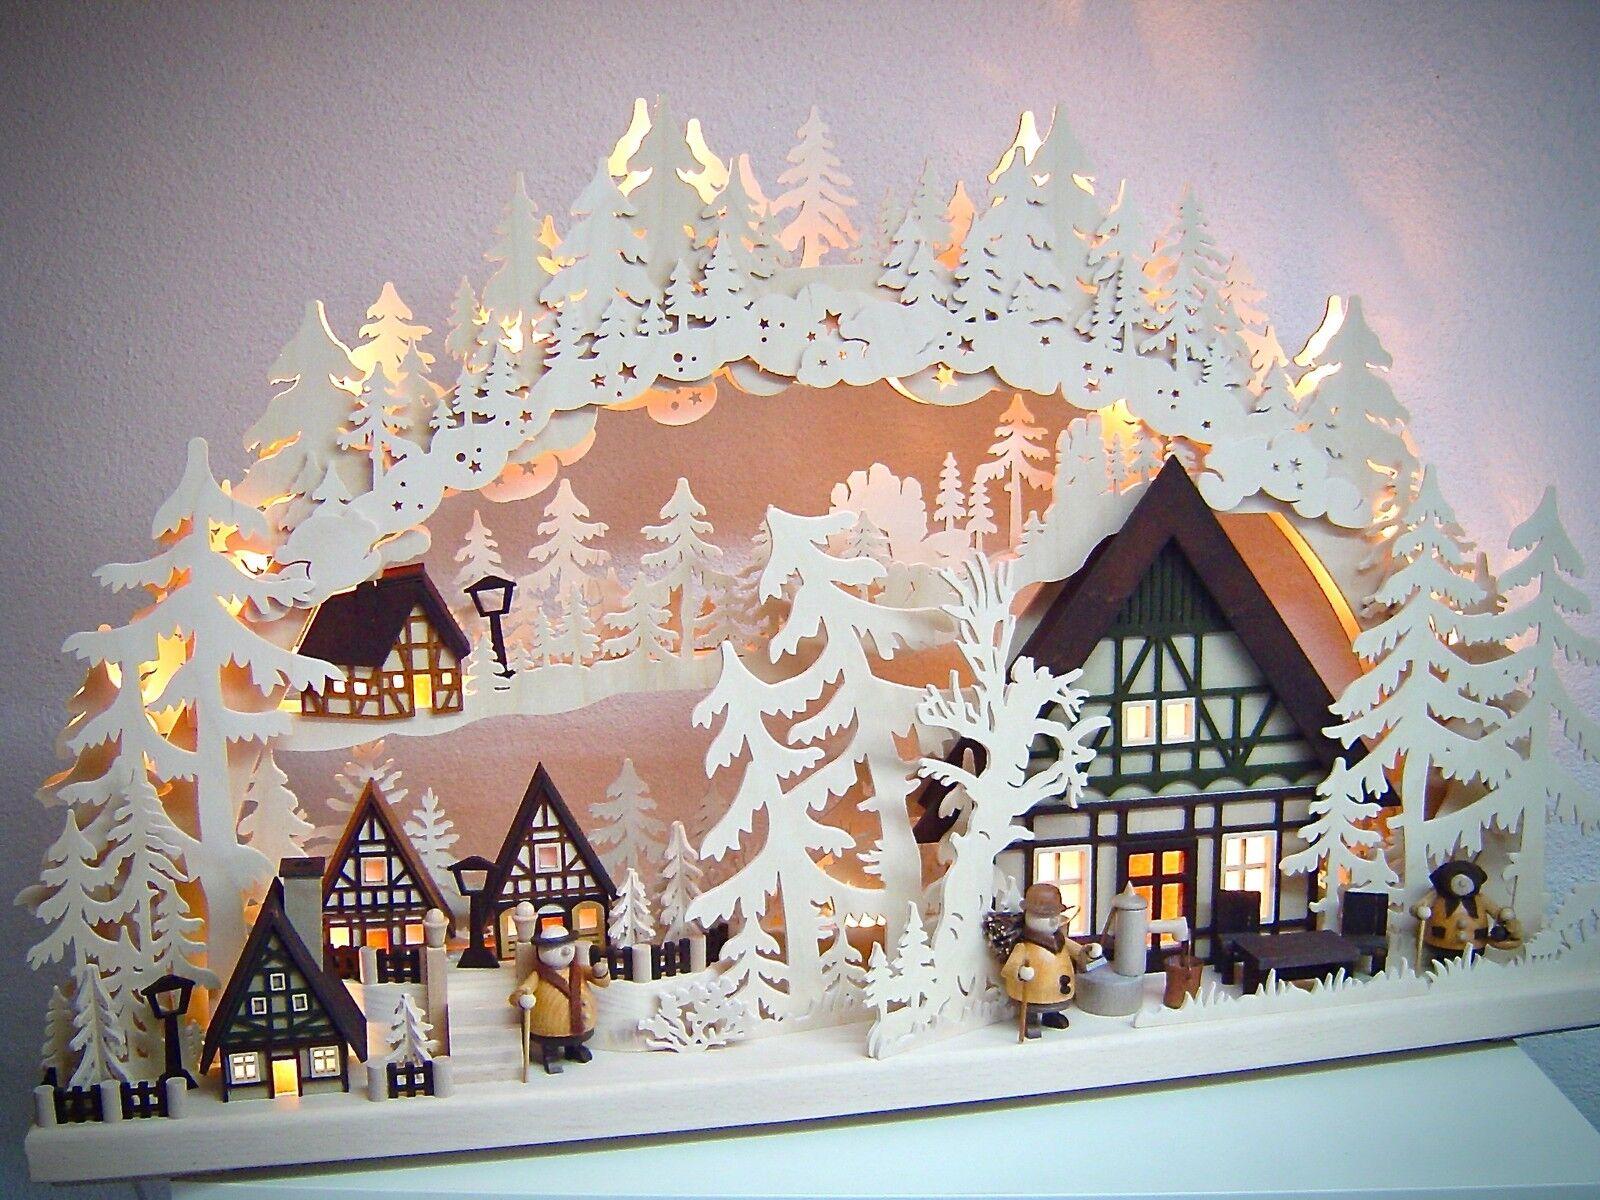 LED schwibbogen 3d avec 3 personnages village avec maisons 72 x 43 CM les Monts Métallifères Neuf 10723